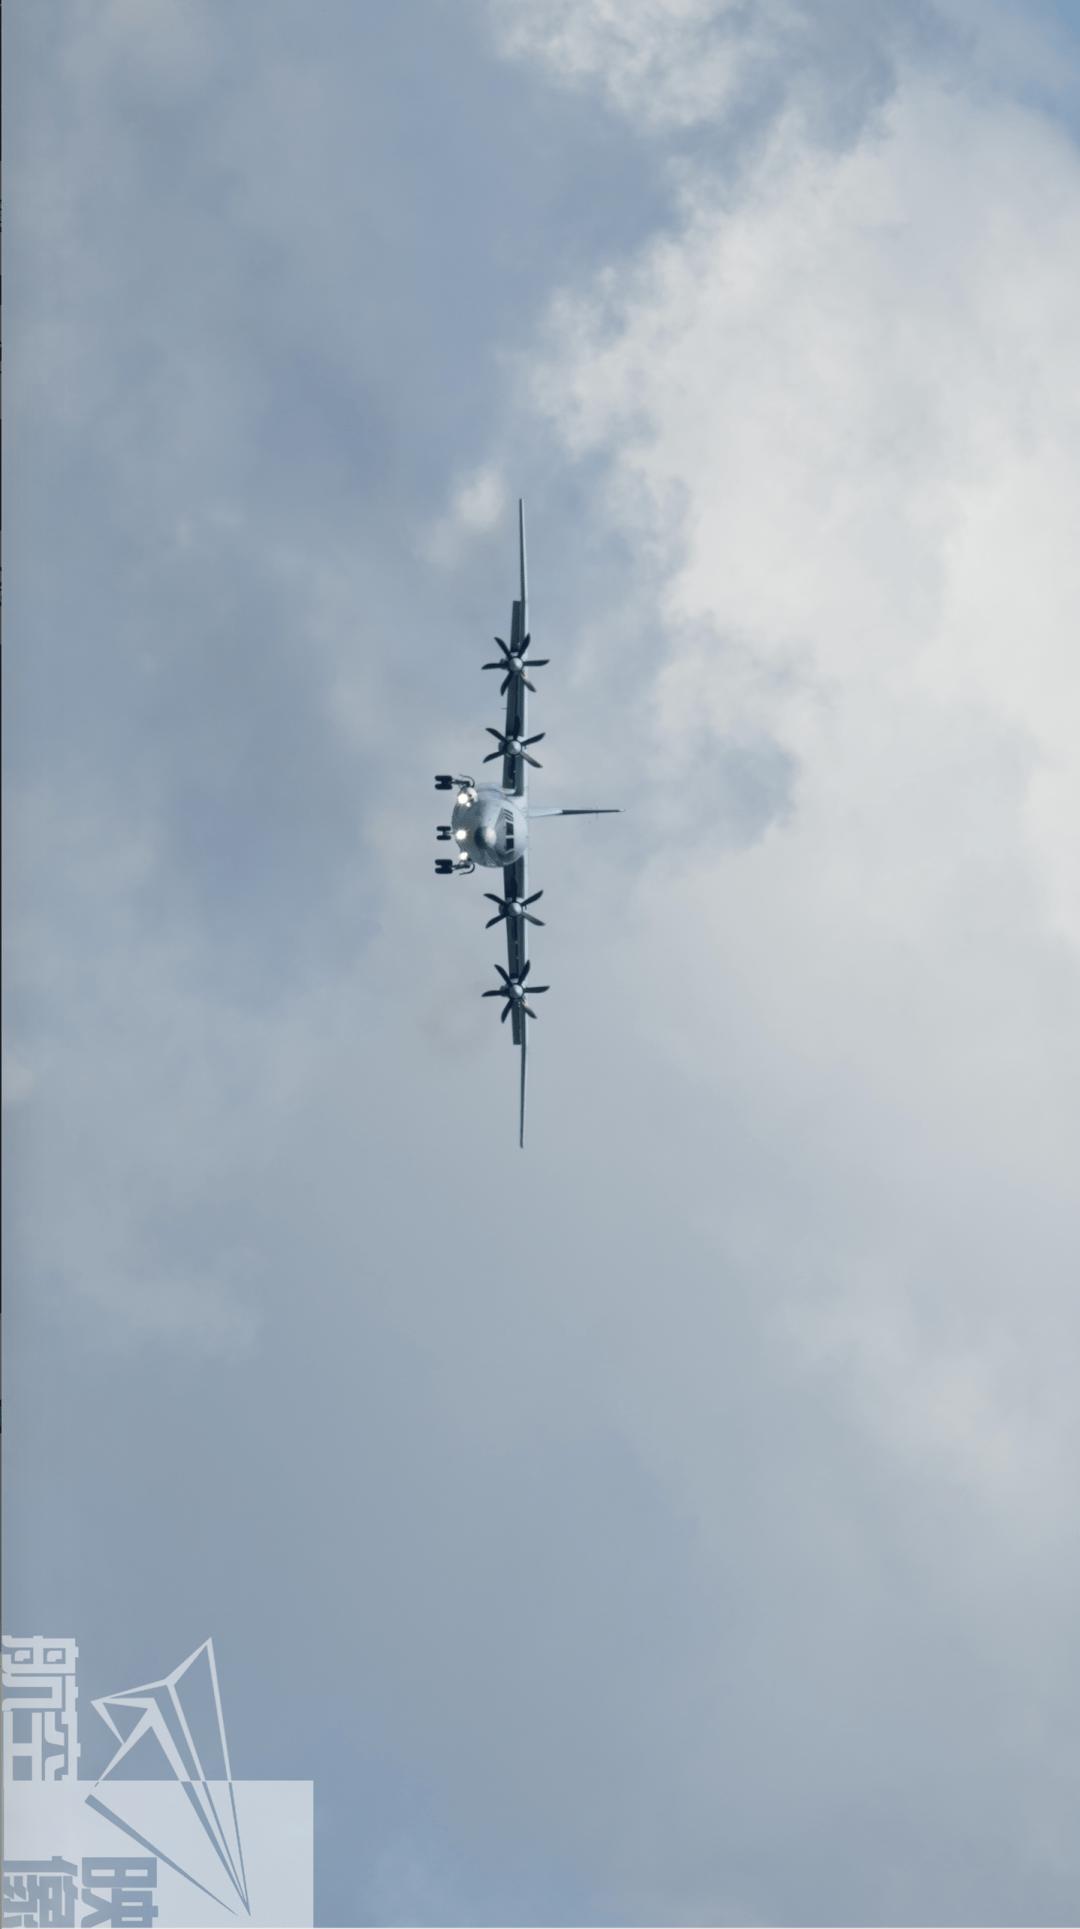 航展倒计时:大批国产先进战机陆续抵达